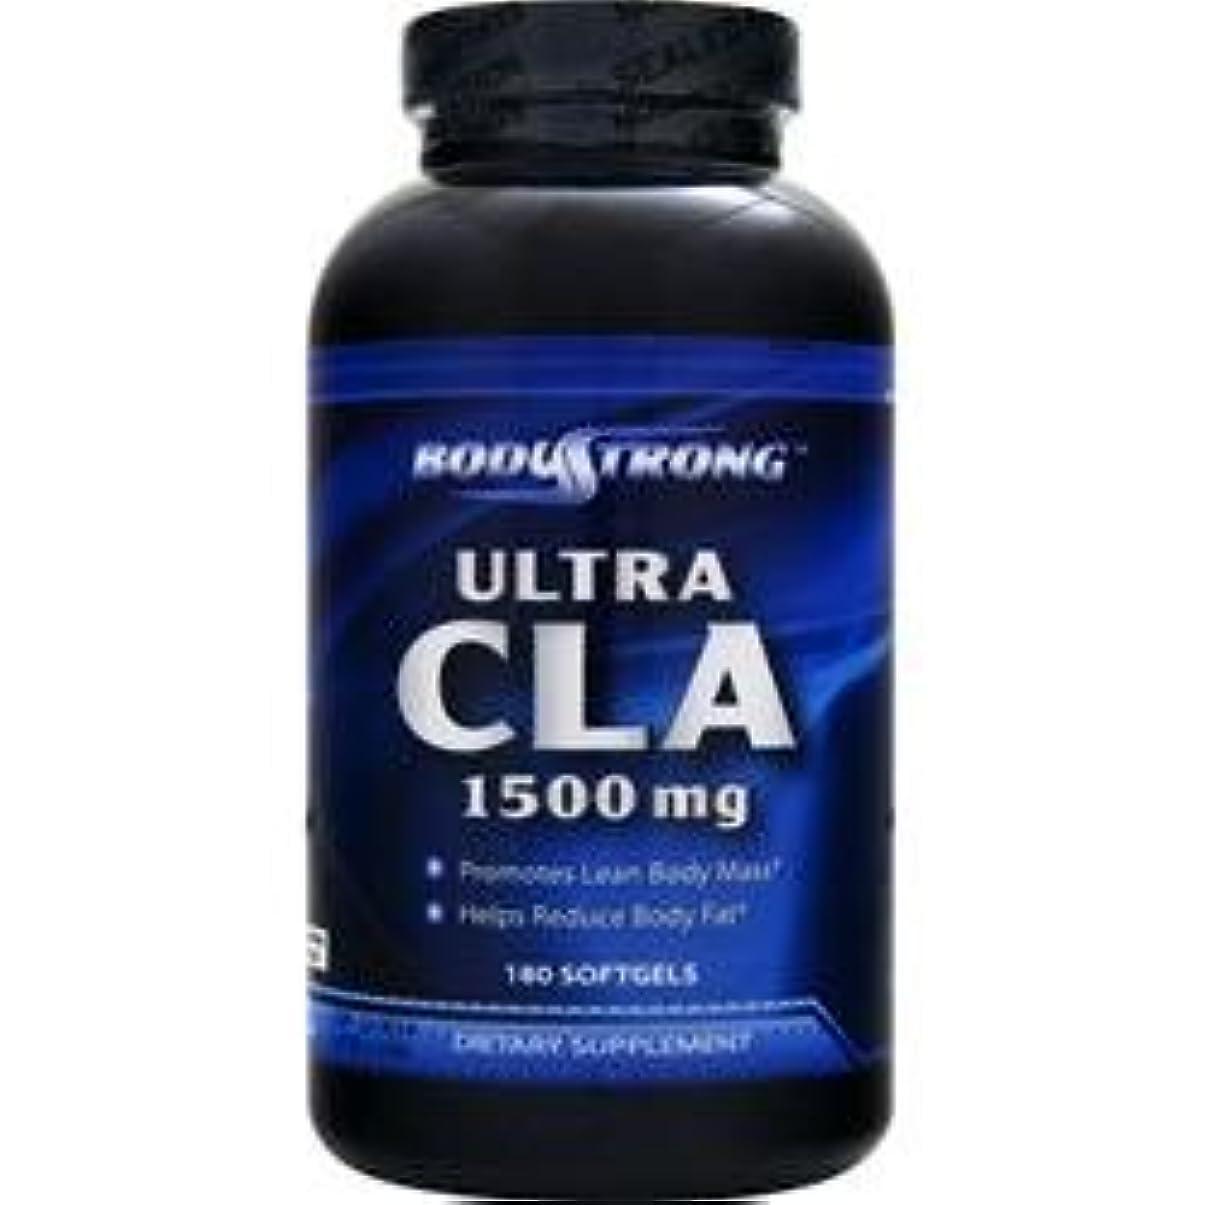 ライセンス植物学者ヶ月目BodyStrong ウルトラCLA 1500mg (Ultra CLA) (180ソフトジェル)